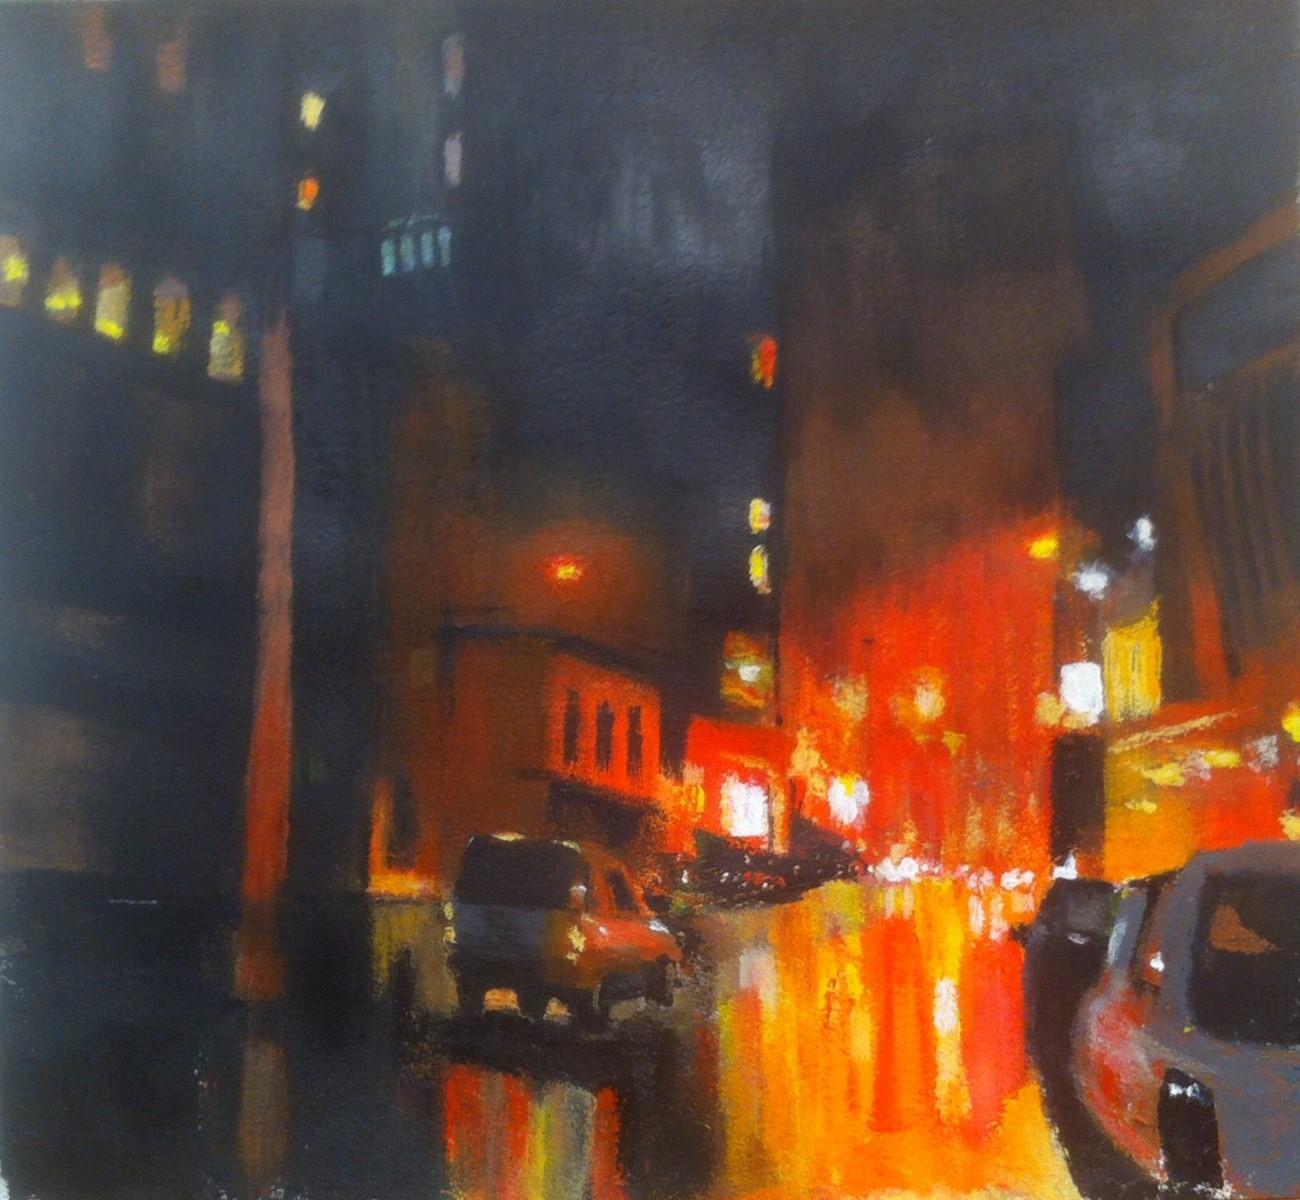 N°1753 - Ville rouge - Acrylique sur papier - 56 x 60 cm - 16 janvier 2015